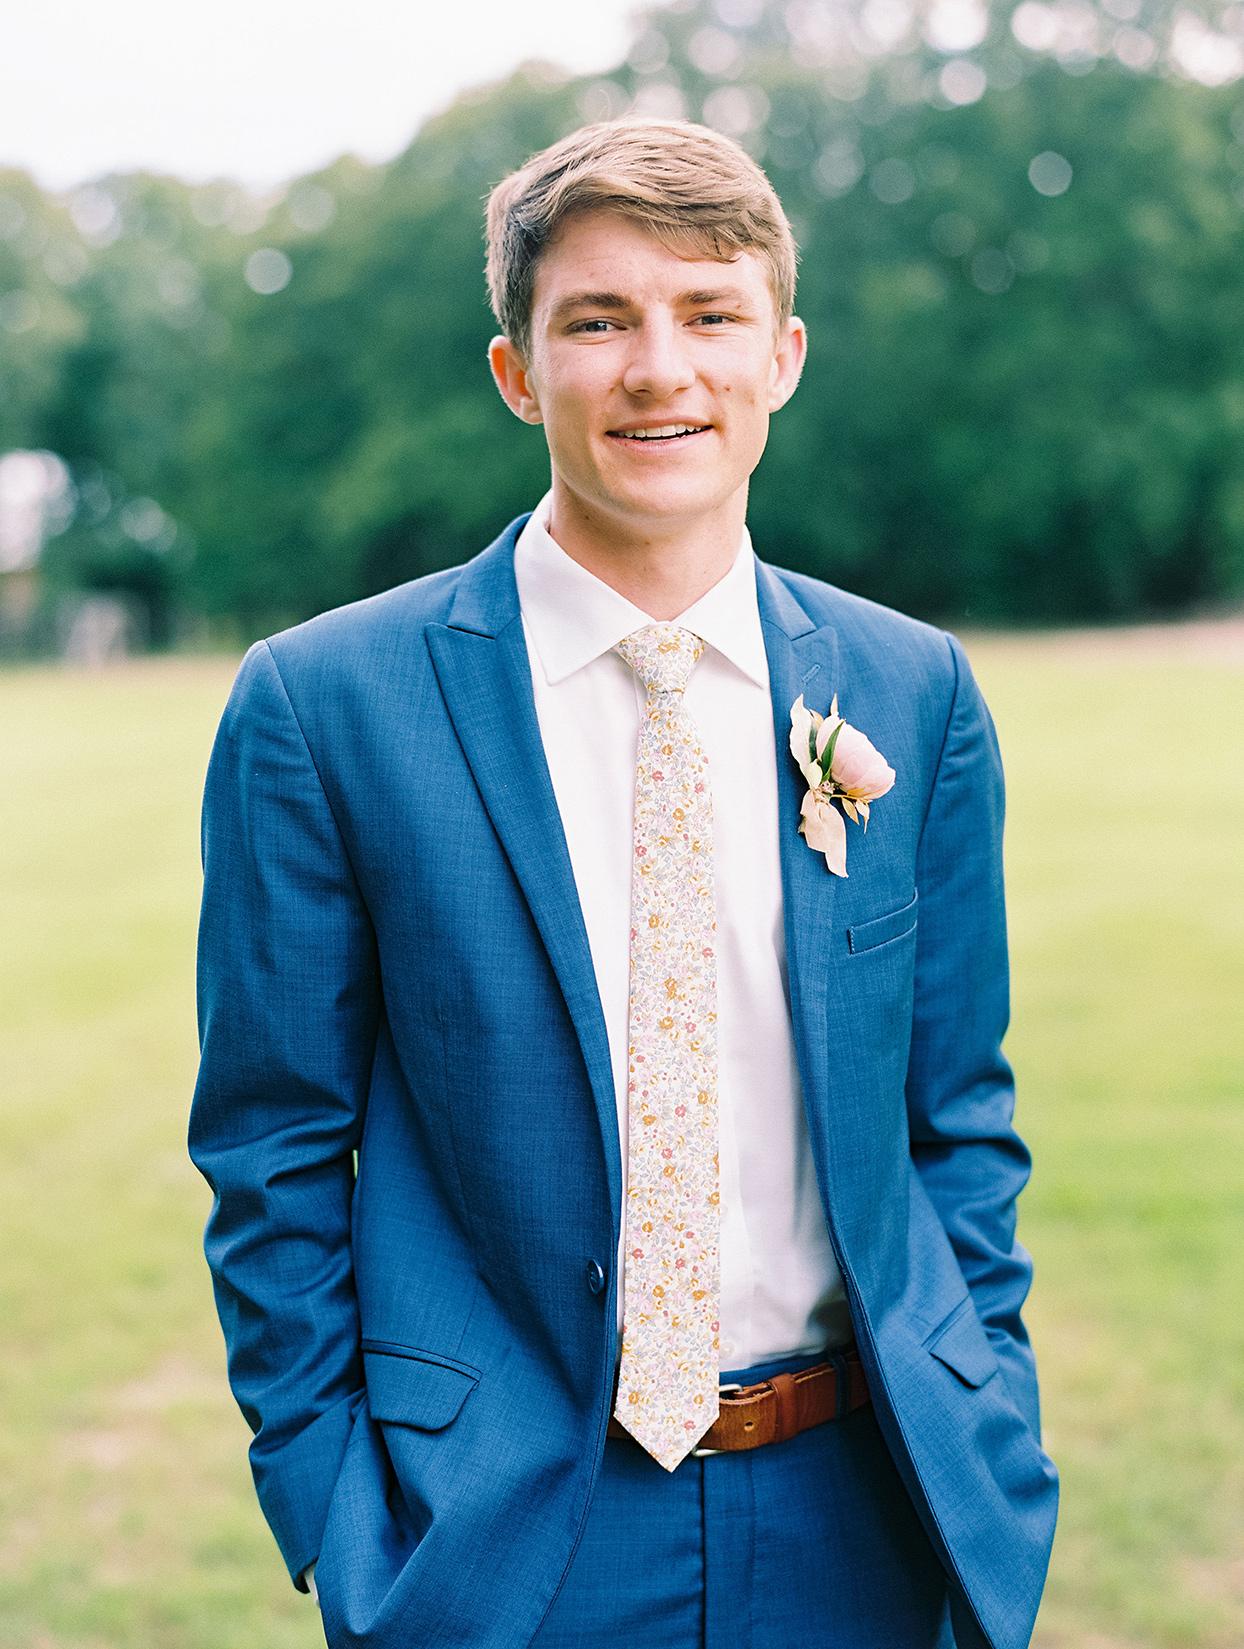 evie joe wedding groom in blue suit with flowered tie